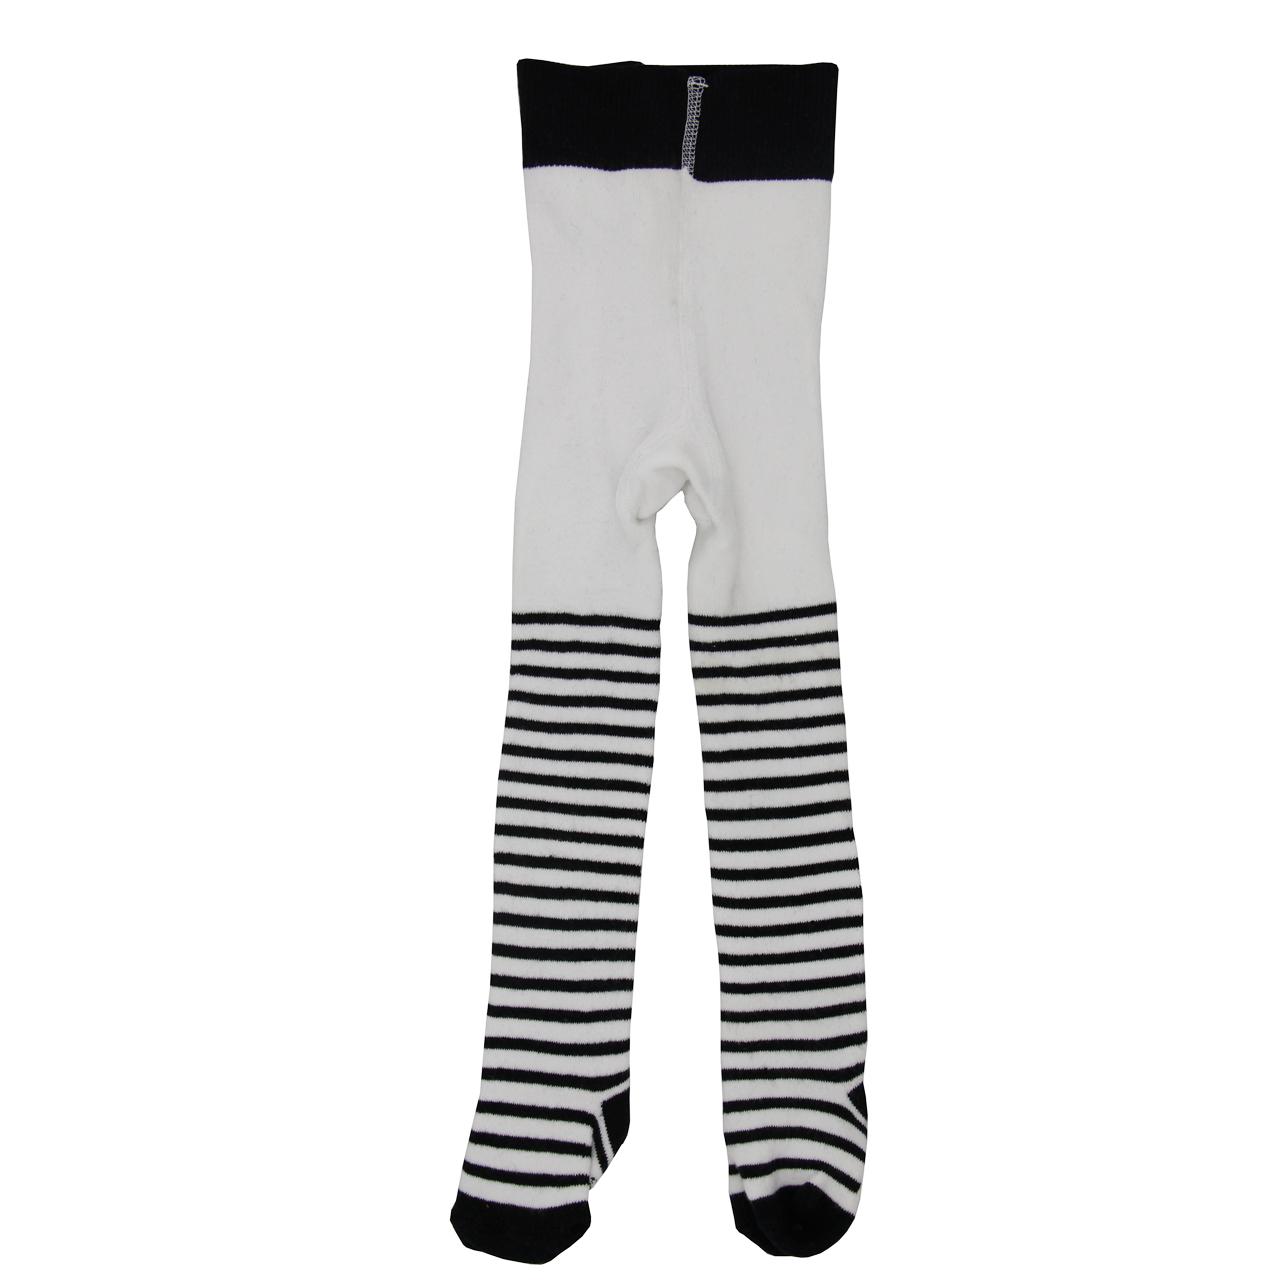 جوراب شلواری نوزاد لوپیلو کد 6502-1